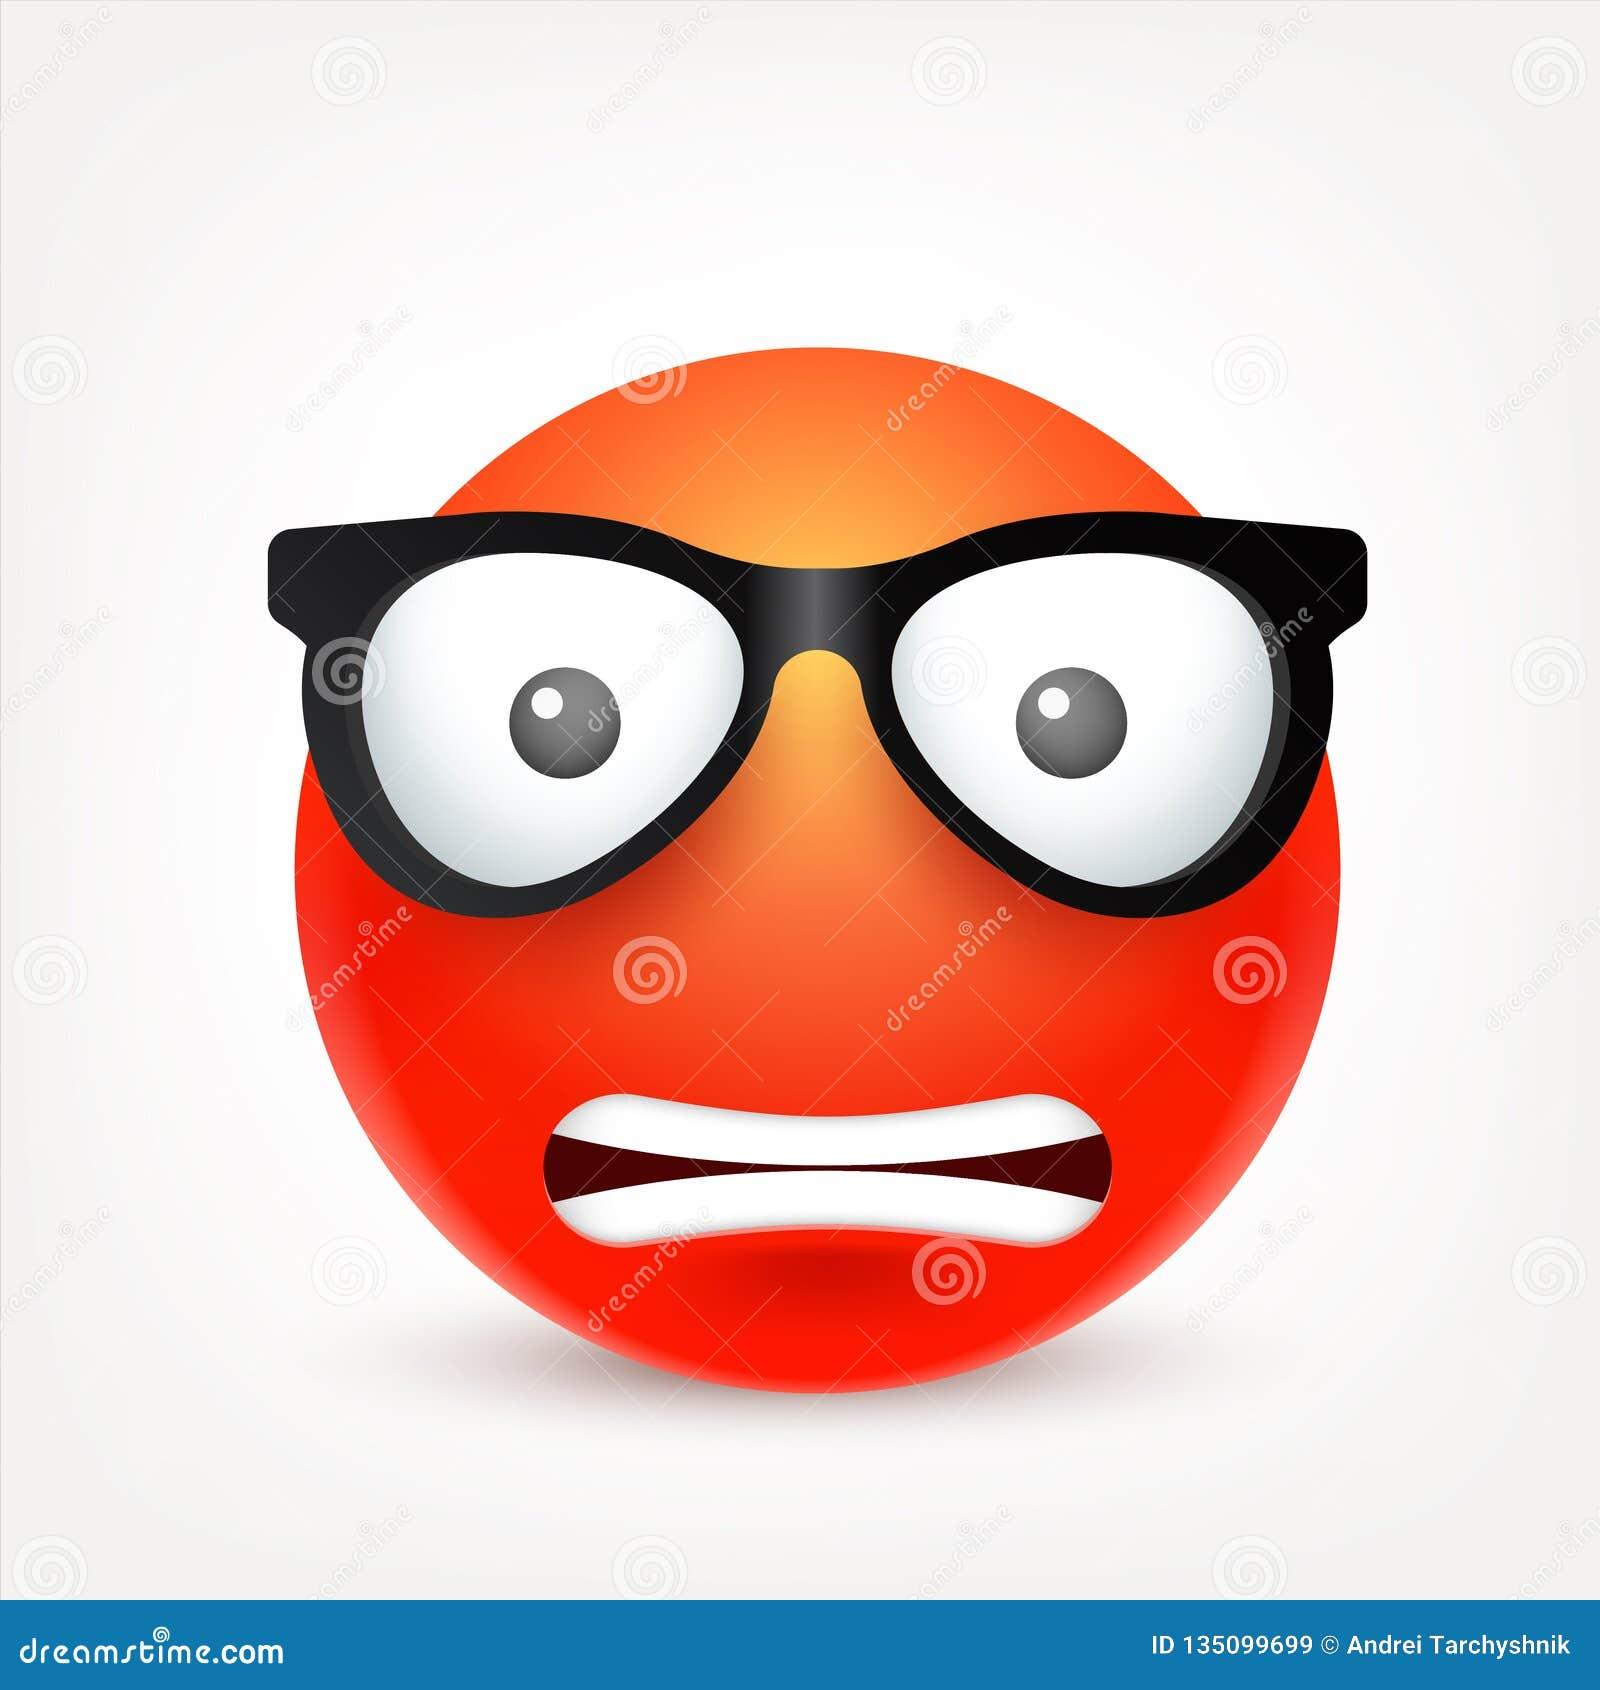 Cara Sonriente Roja Con Emociones Emoji Realista Humor Triste O